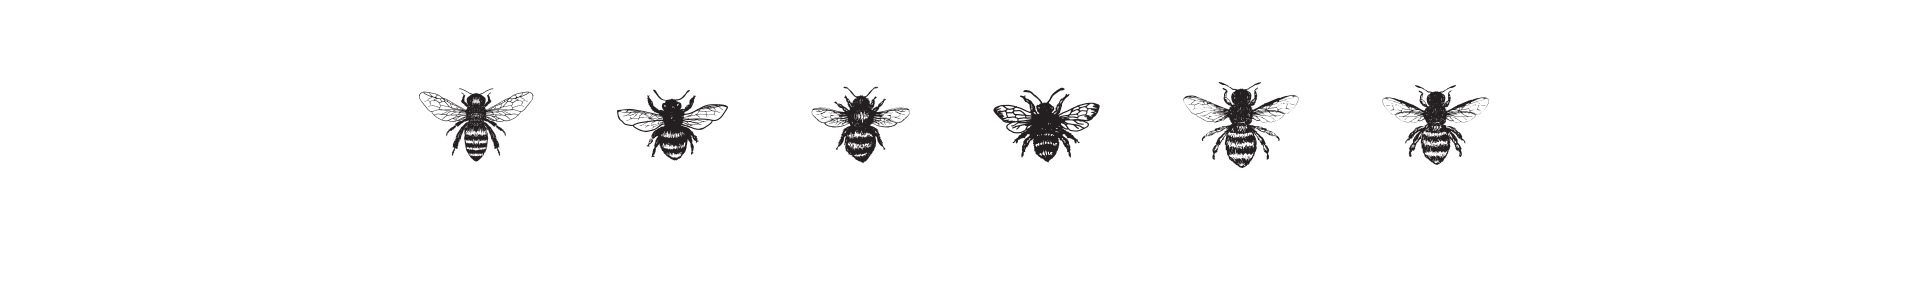 bees for bjorns honey logo design